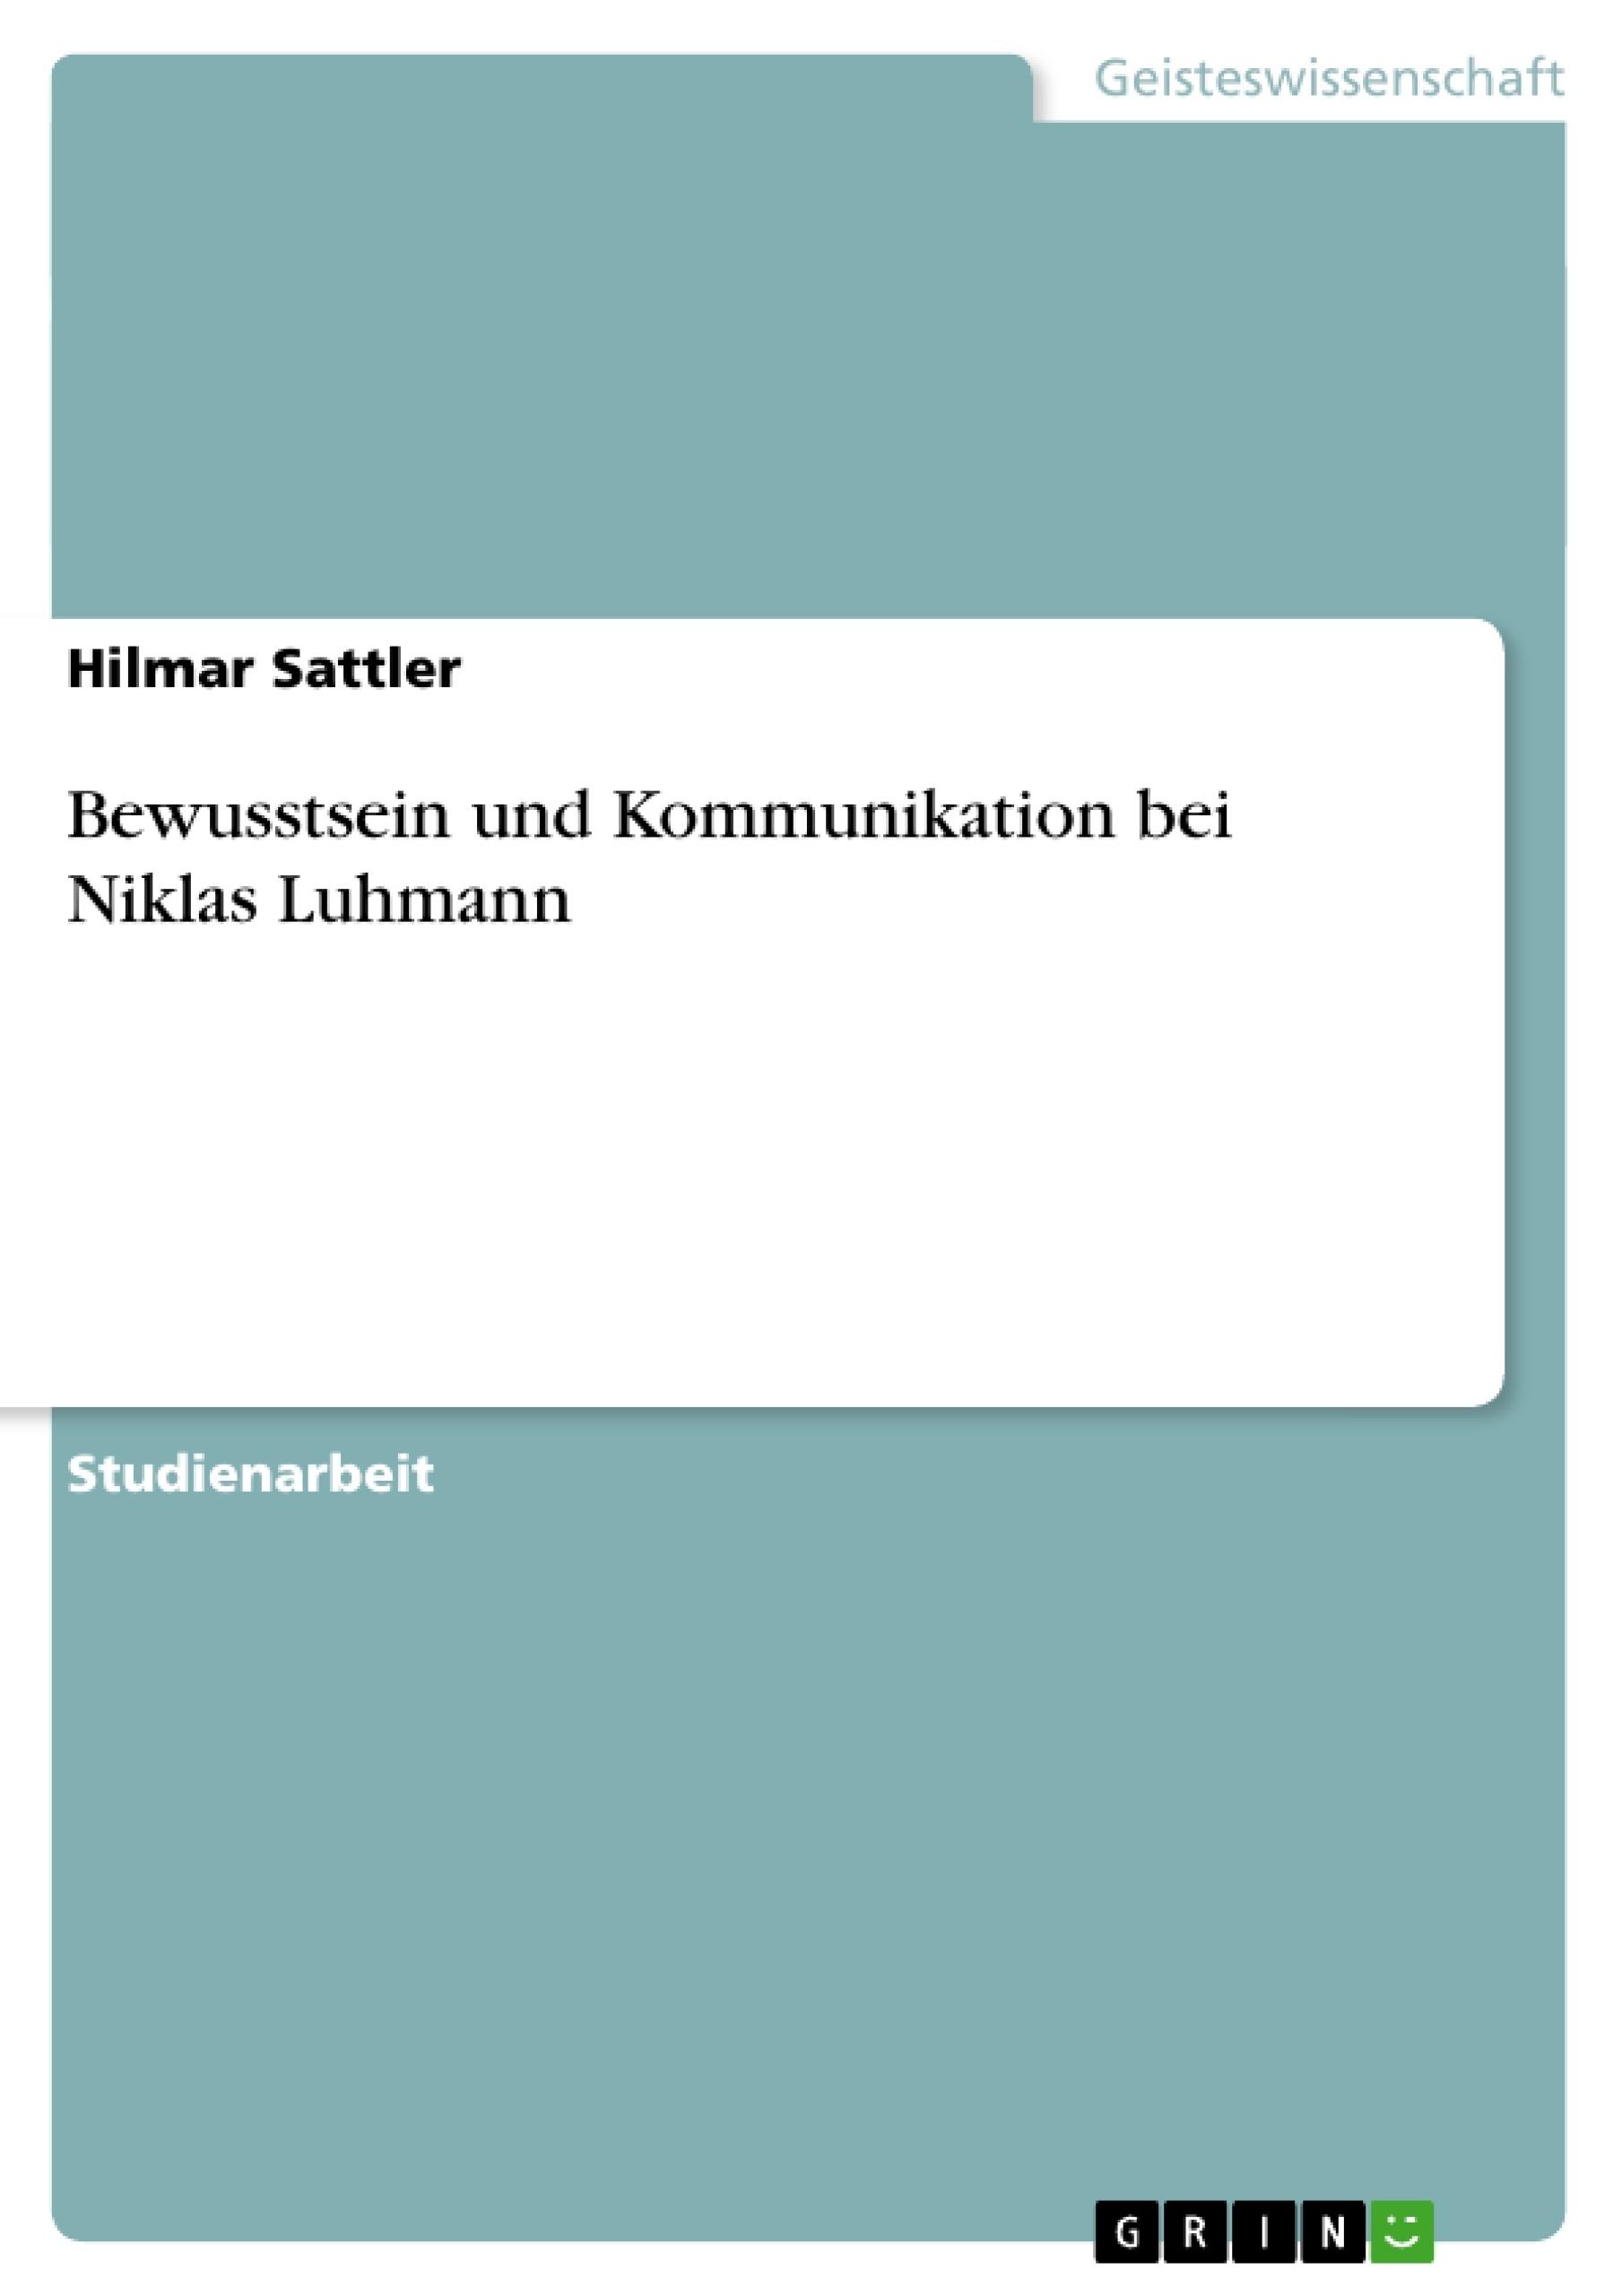 Titel: Bewusstsein und Kommunikation bei Niklas Luhmann